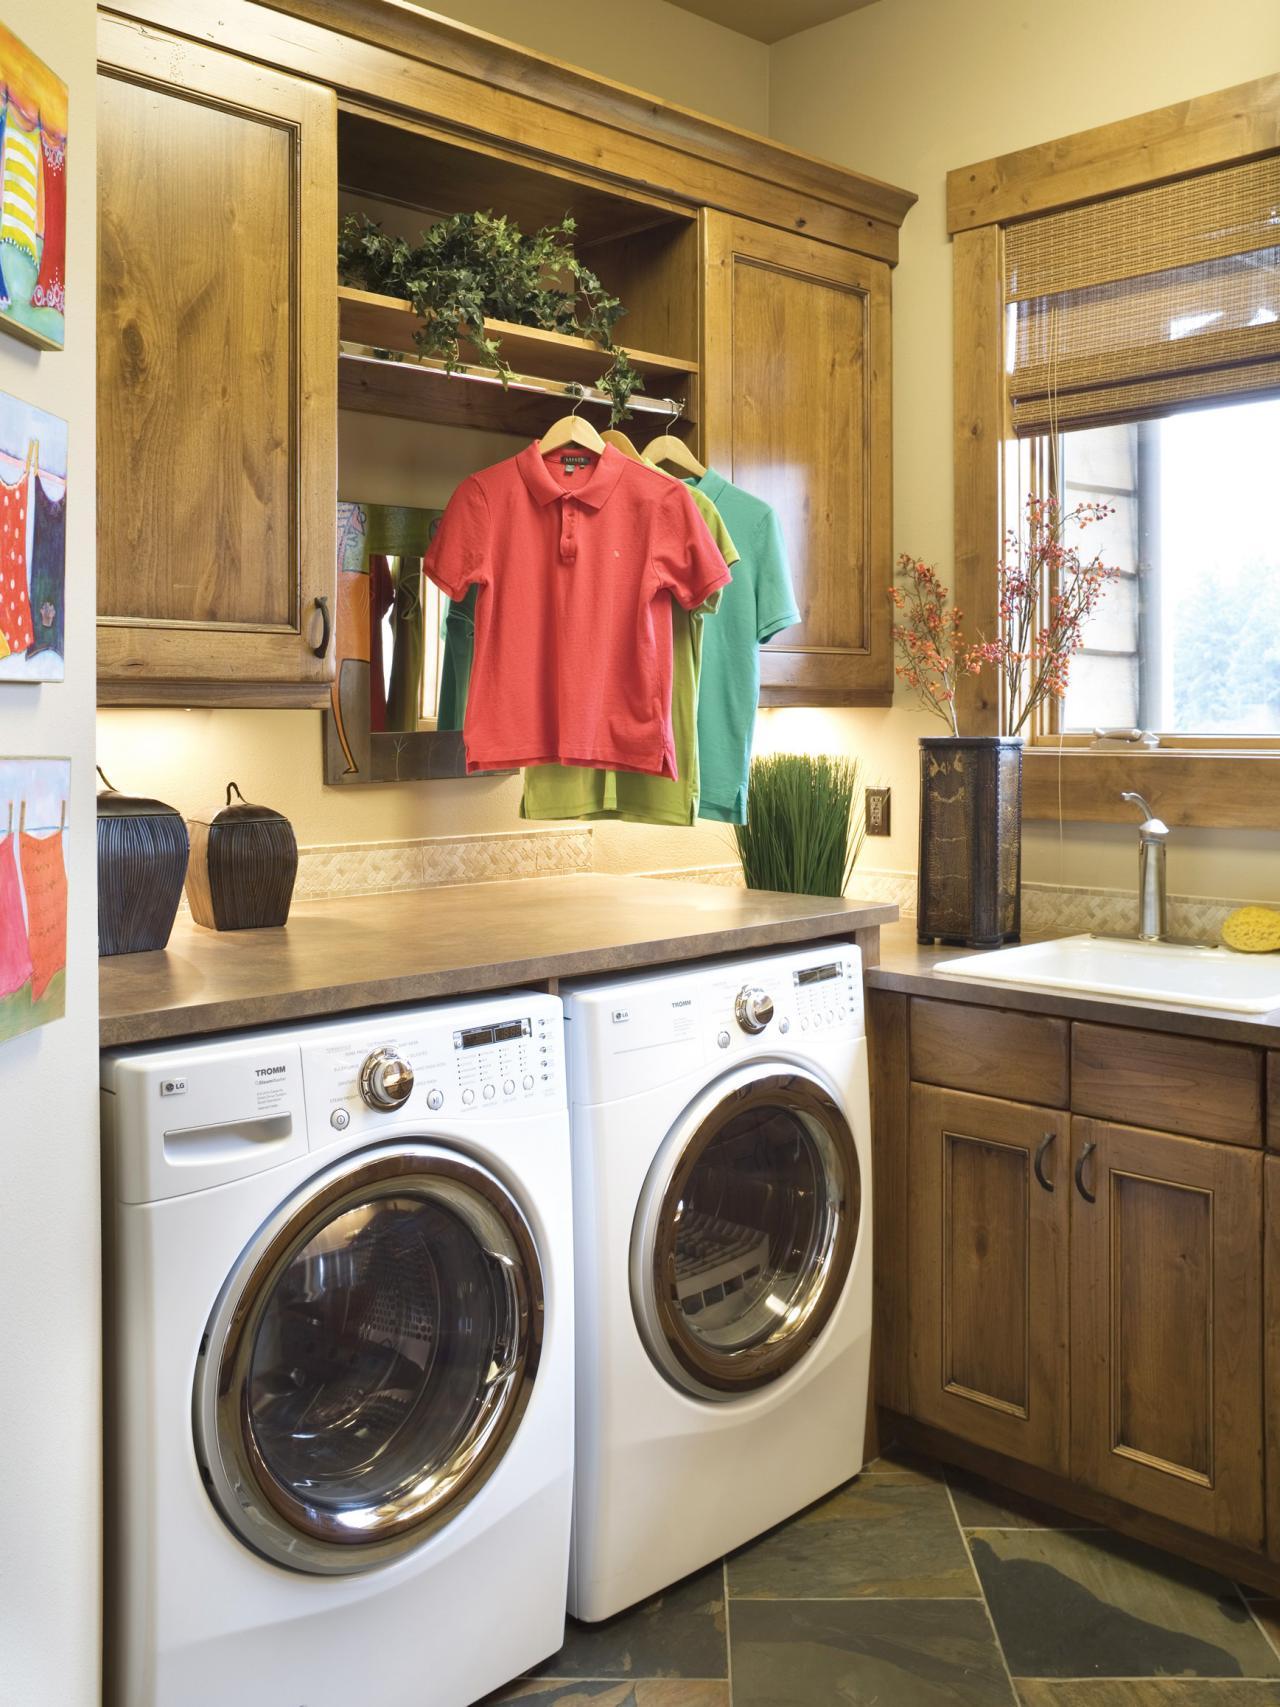 laundry room ideas IZDYIVV